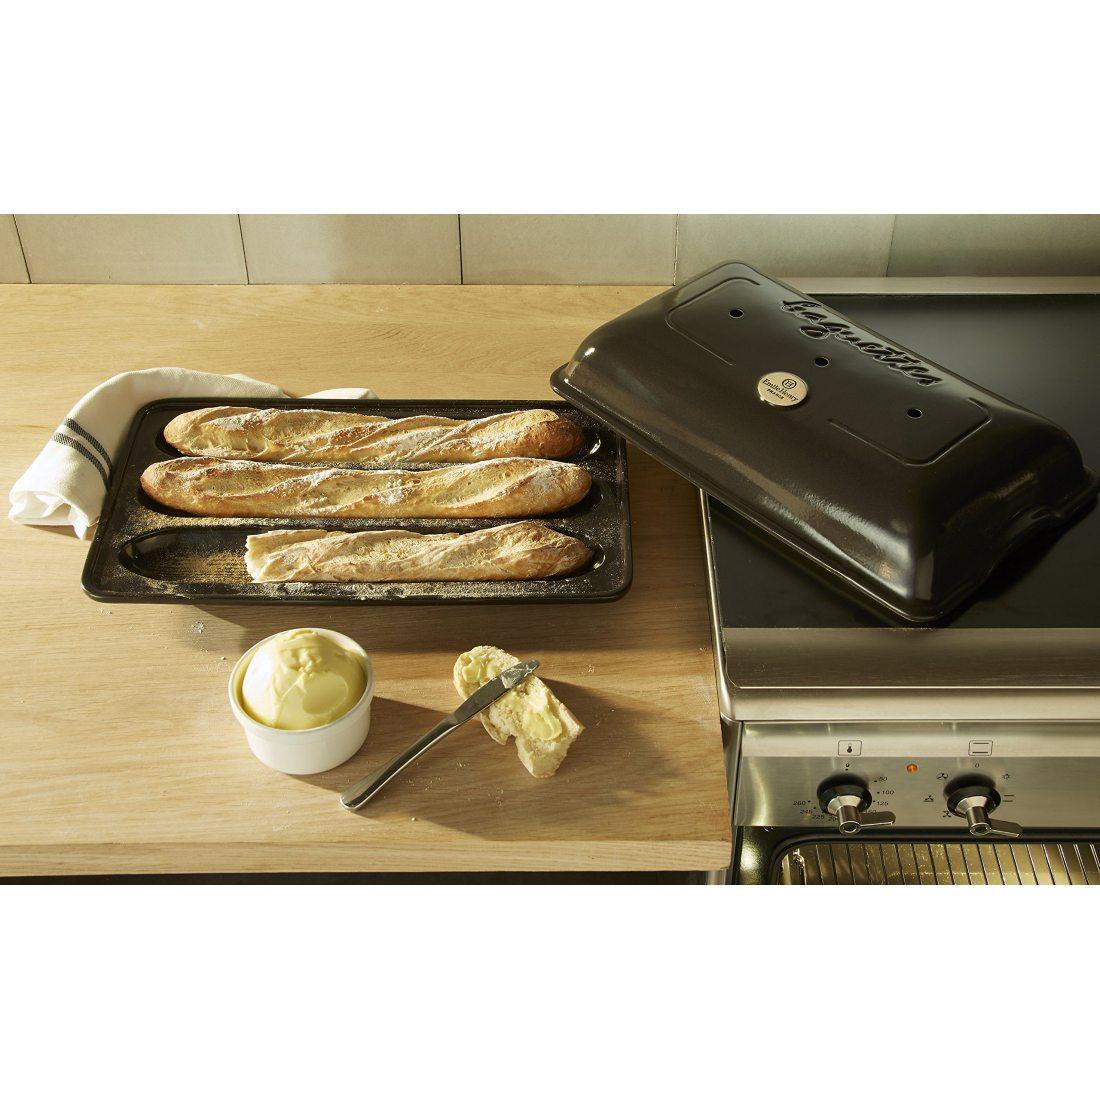 Emile Henry Eh799506 Moule à Baguettes Céramique Noir Fusain 39 X 24 X 8 cm